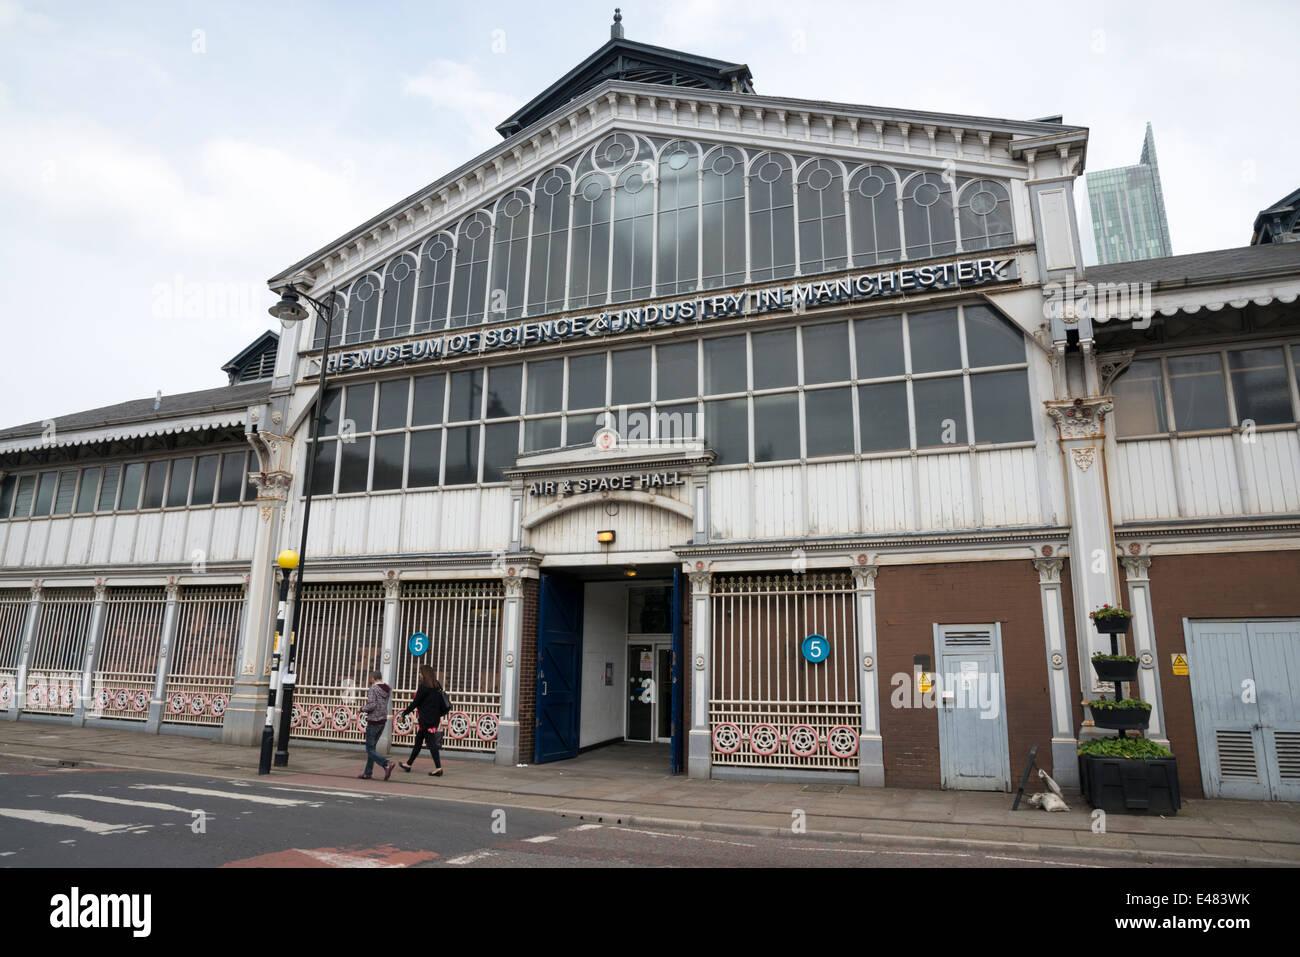 Le Musée des sciences et de l'industrie de Manchester UK. L'air et de l'espace Photo Stock